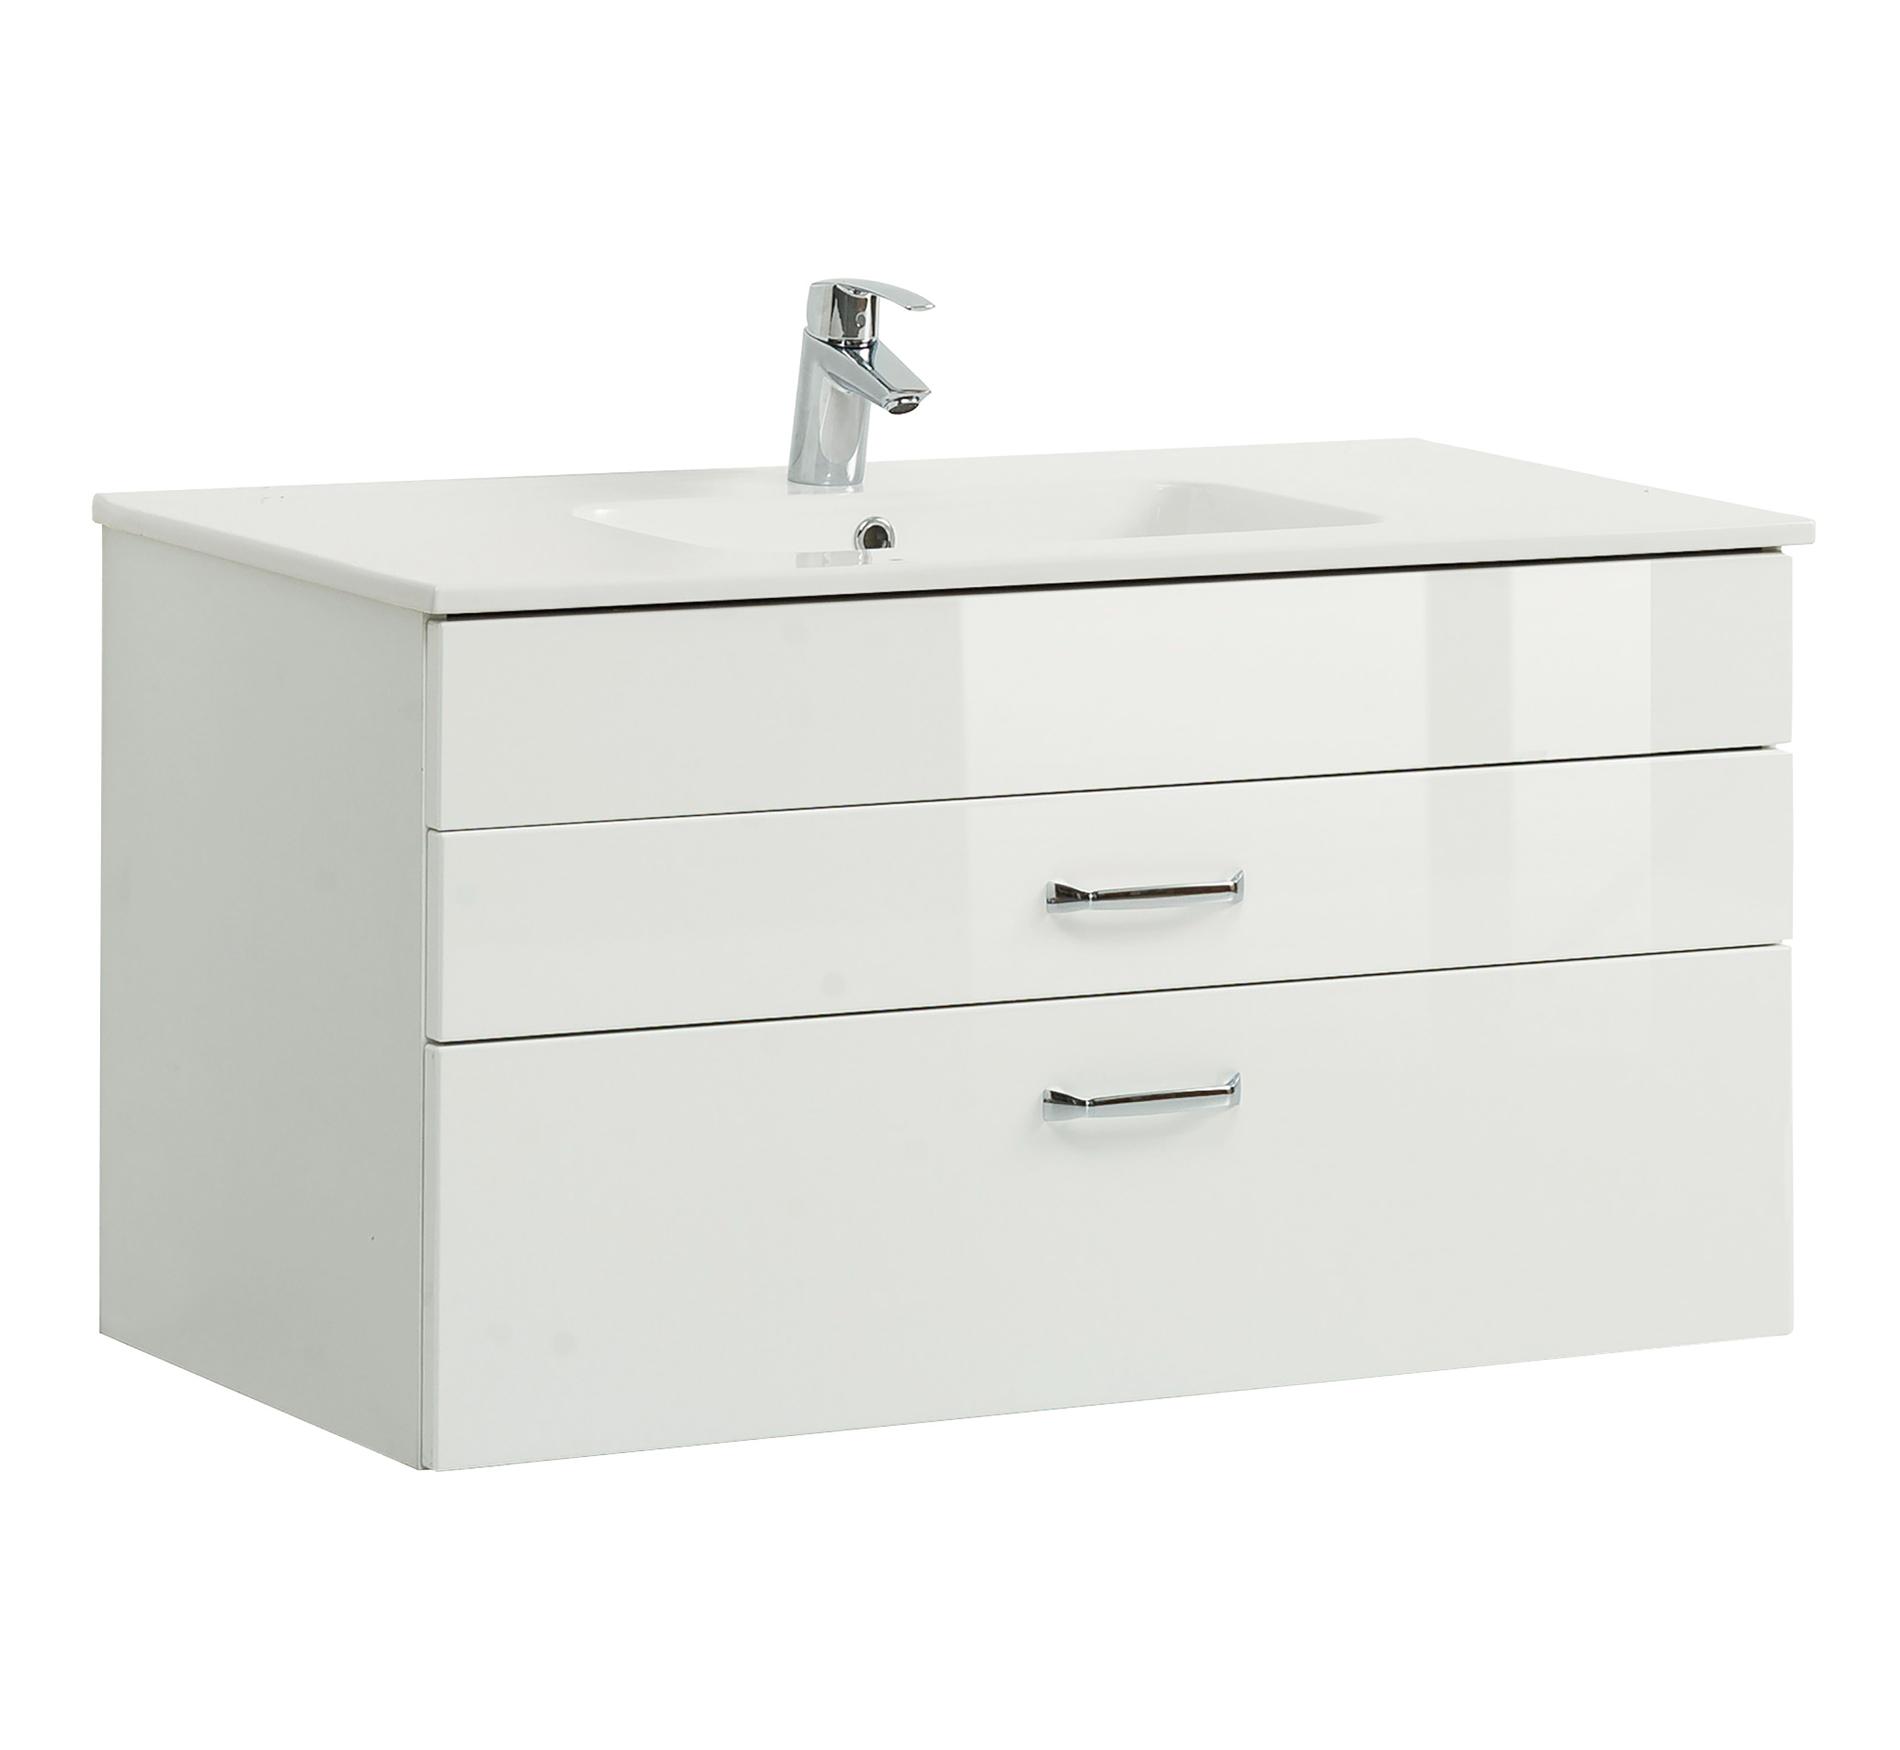 bad waschtisch fontana mit keramikbecken 100 cm breit wei bad waschtische. Black Bedroom Furniture Sets. Home Design Ideas